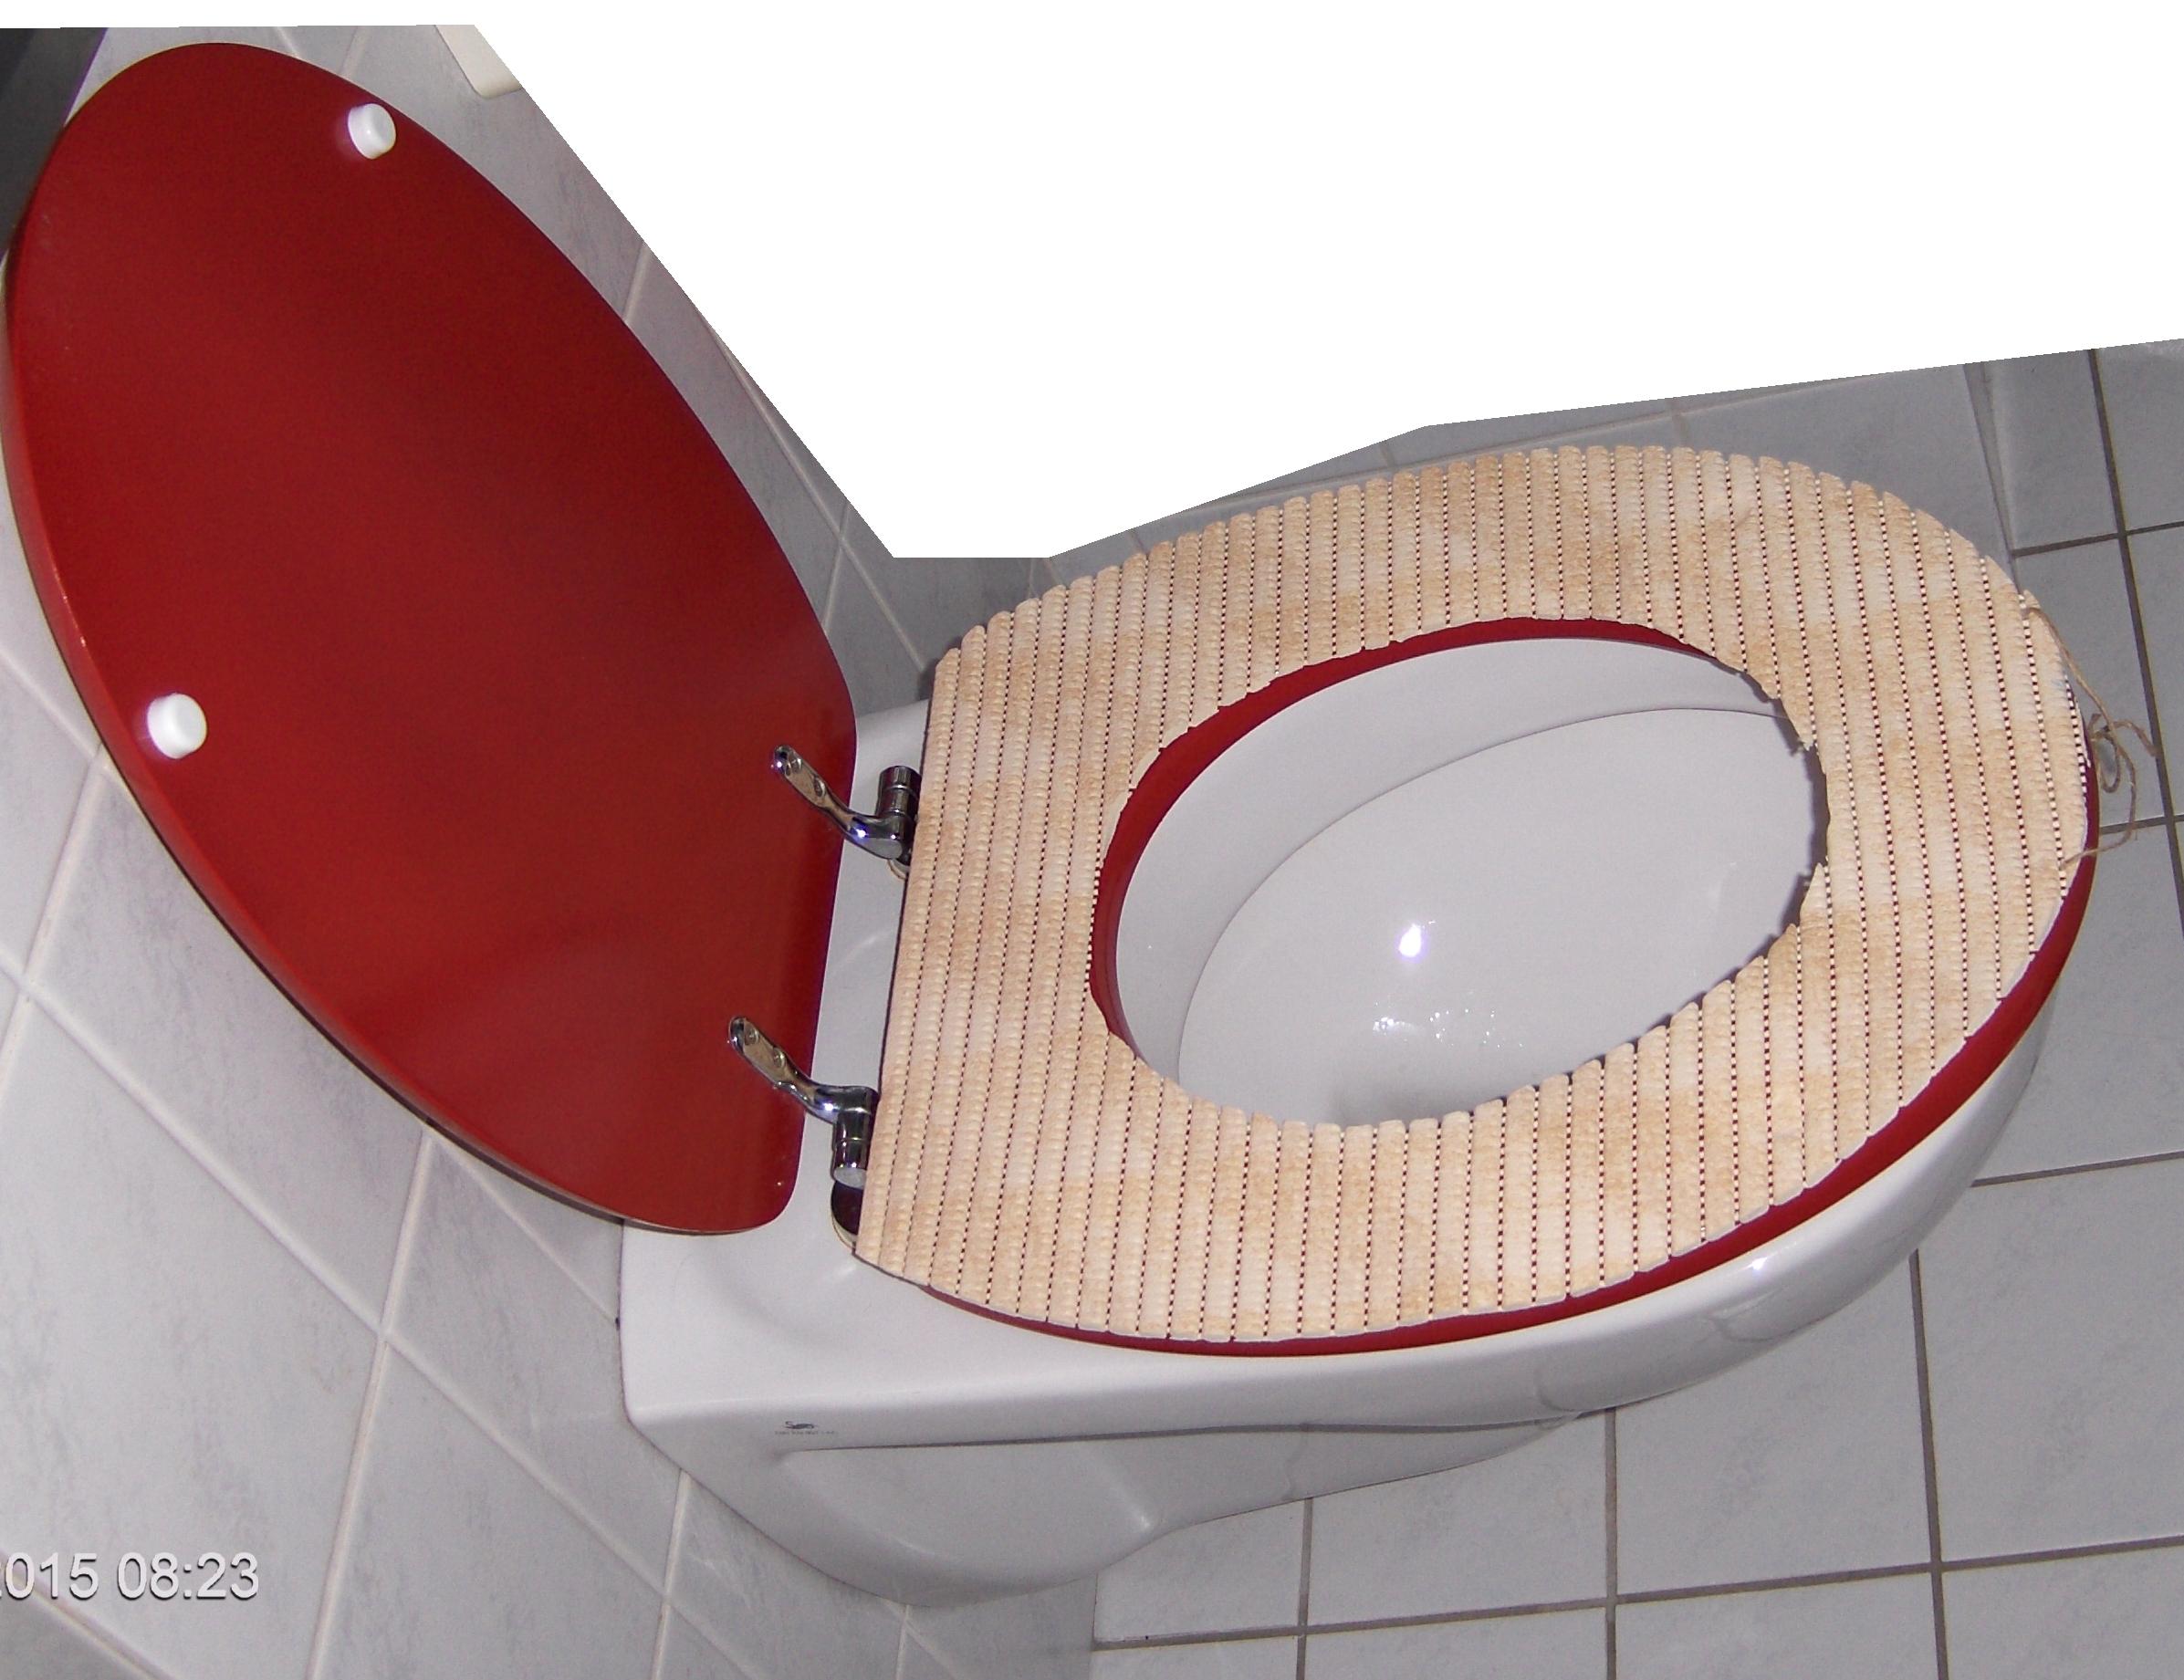 wc sitzauflage warm o heizung hygienisch gepolstert toiletten sitz auflage ebay. Black Bedroom Furniture Sets. Home Design Ideas